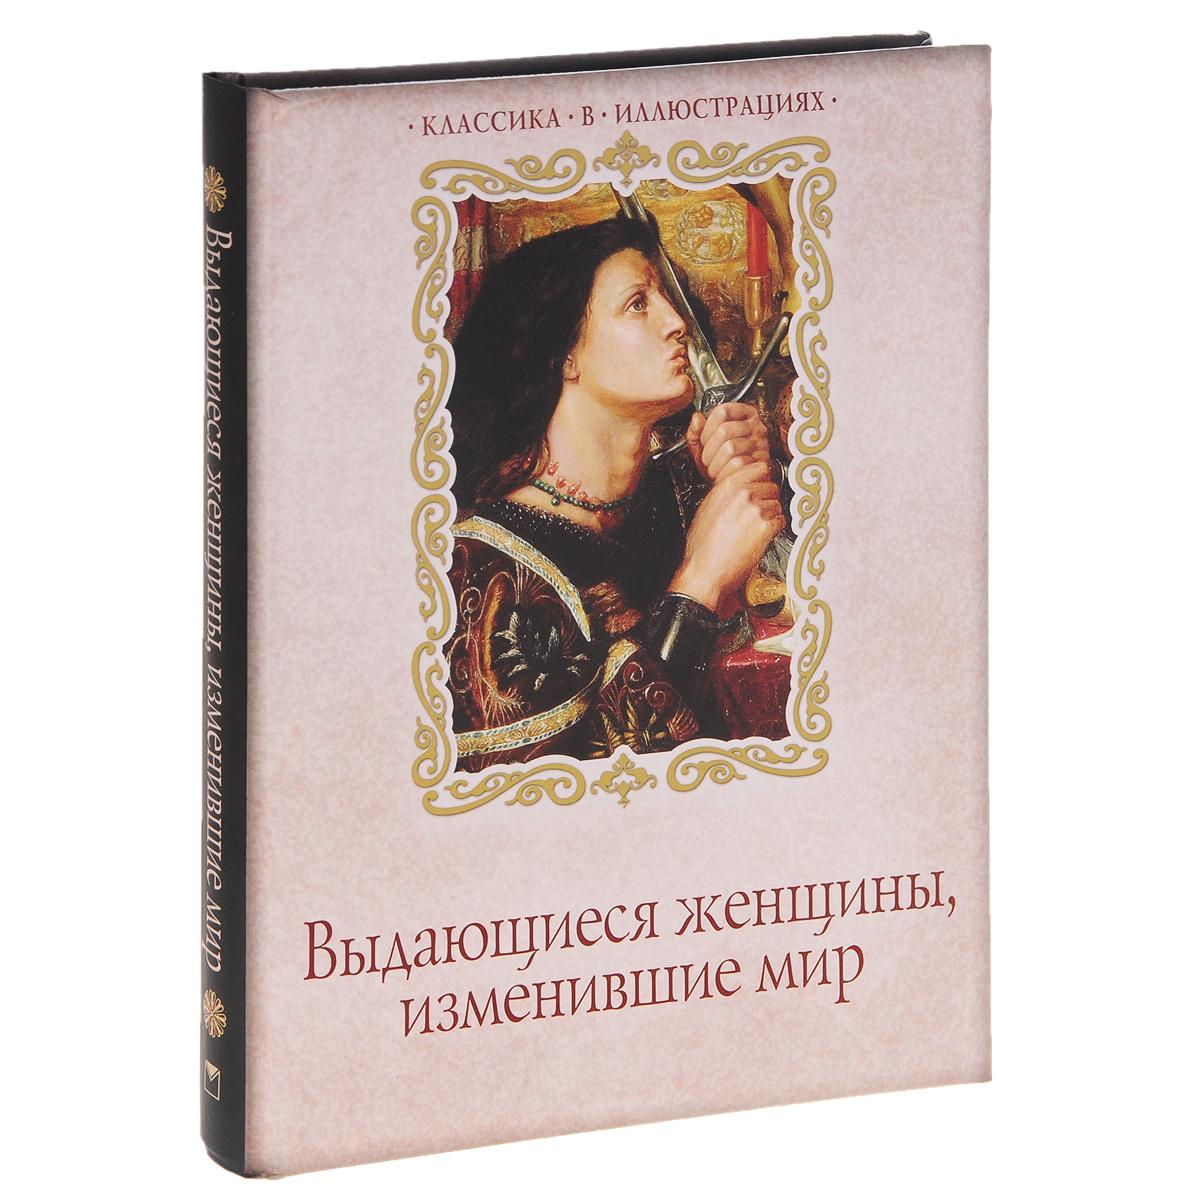 Ирина Бурова Выдающиеся женщины, изменившие мир сто восемь минут изменившие мир 2 е издание